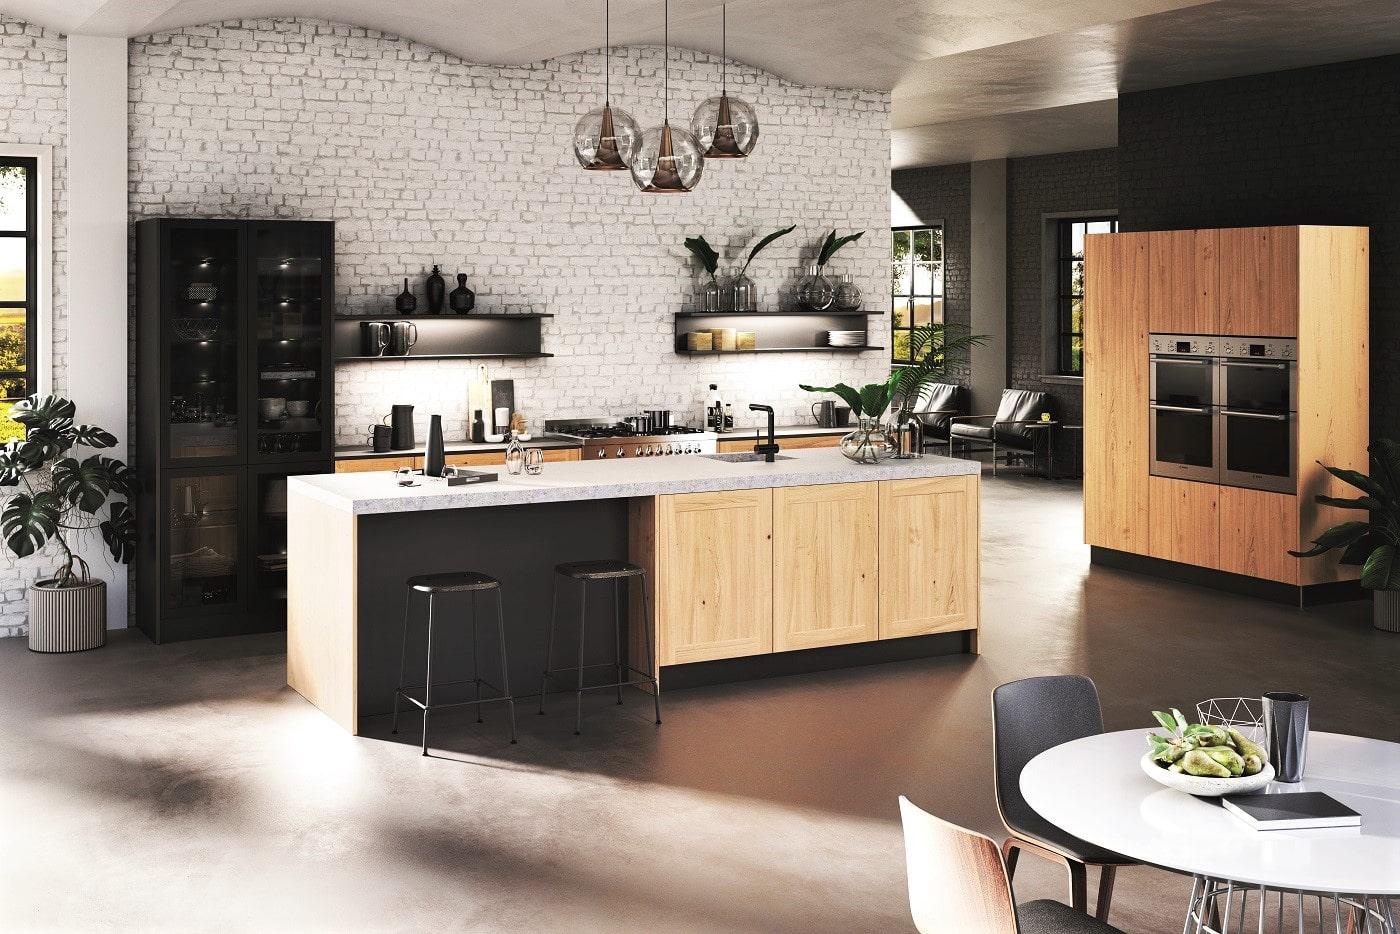 Der Underdog aus Ostwestfalen: Rotpunkt-Küchen sind bisher kaum namentlich bekannt, dafür optisch umso schöner - und technisch auf dem neuesten Stand. (Foto: Rotpunkt)